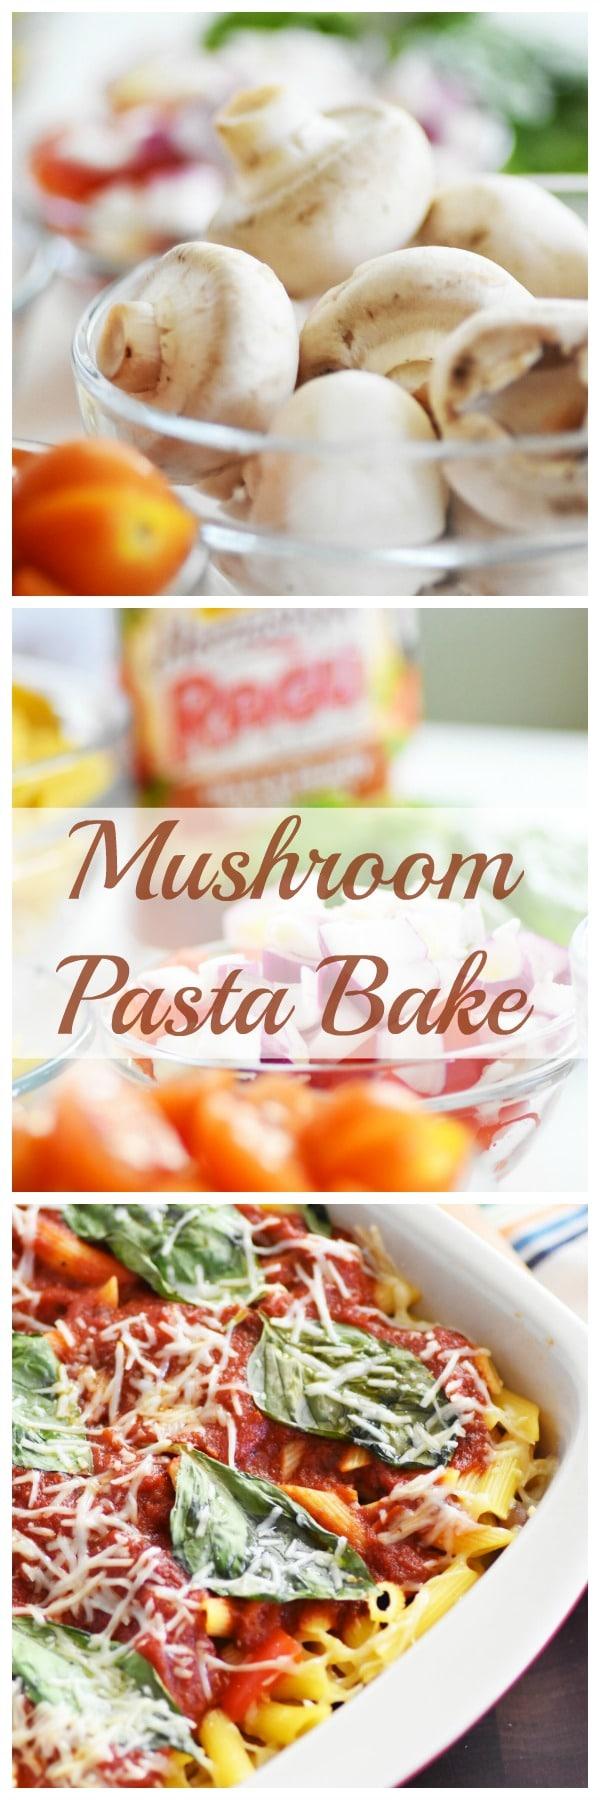 Mushroom-pasta-bake-hero